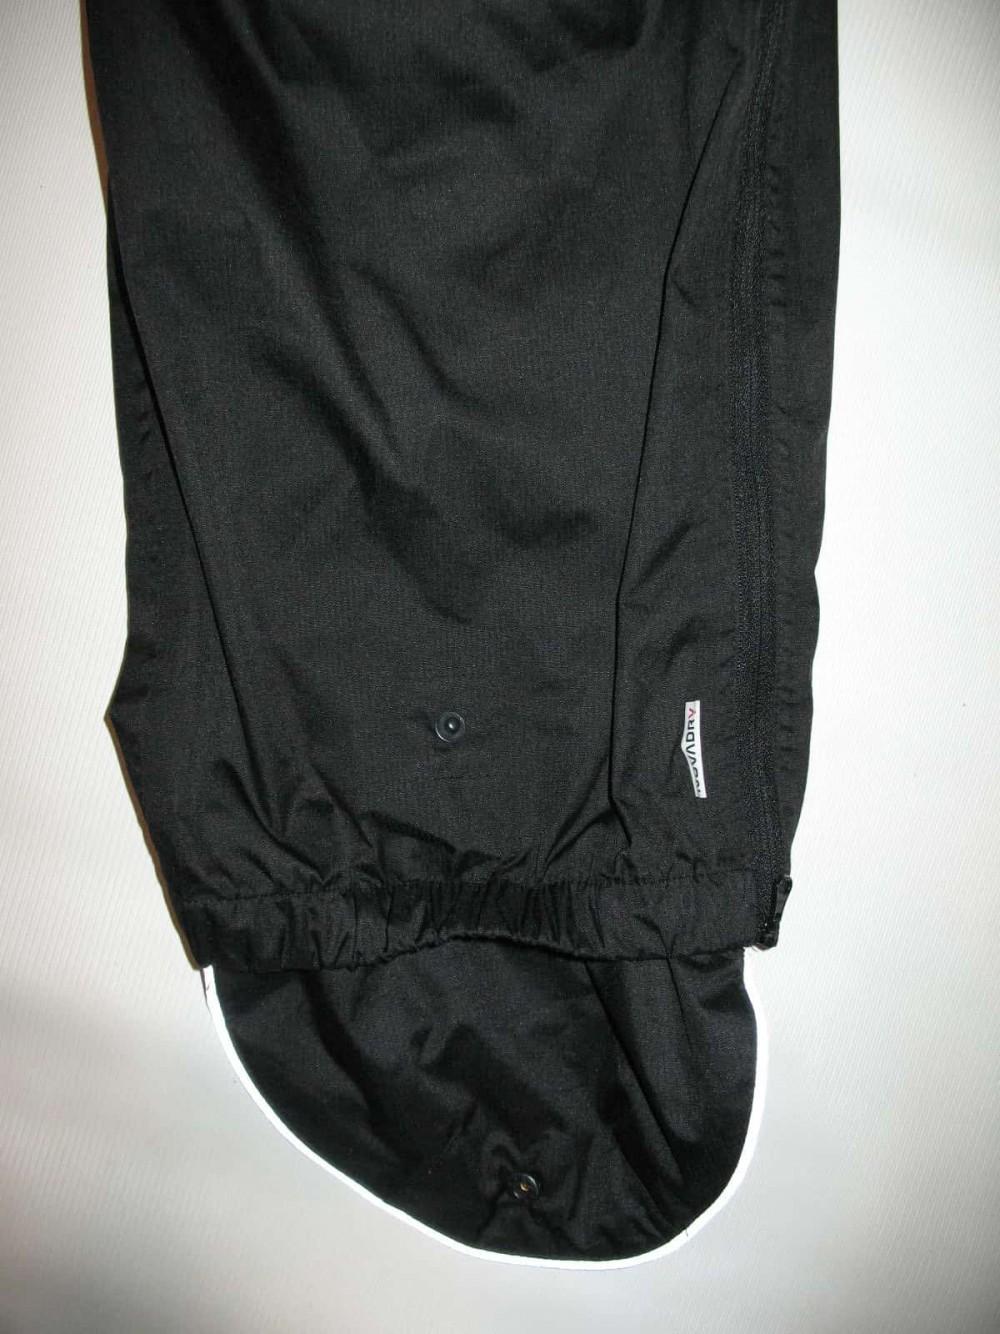 Штаны B'TWIN cycling rain pants (размер M) - 6